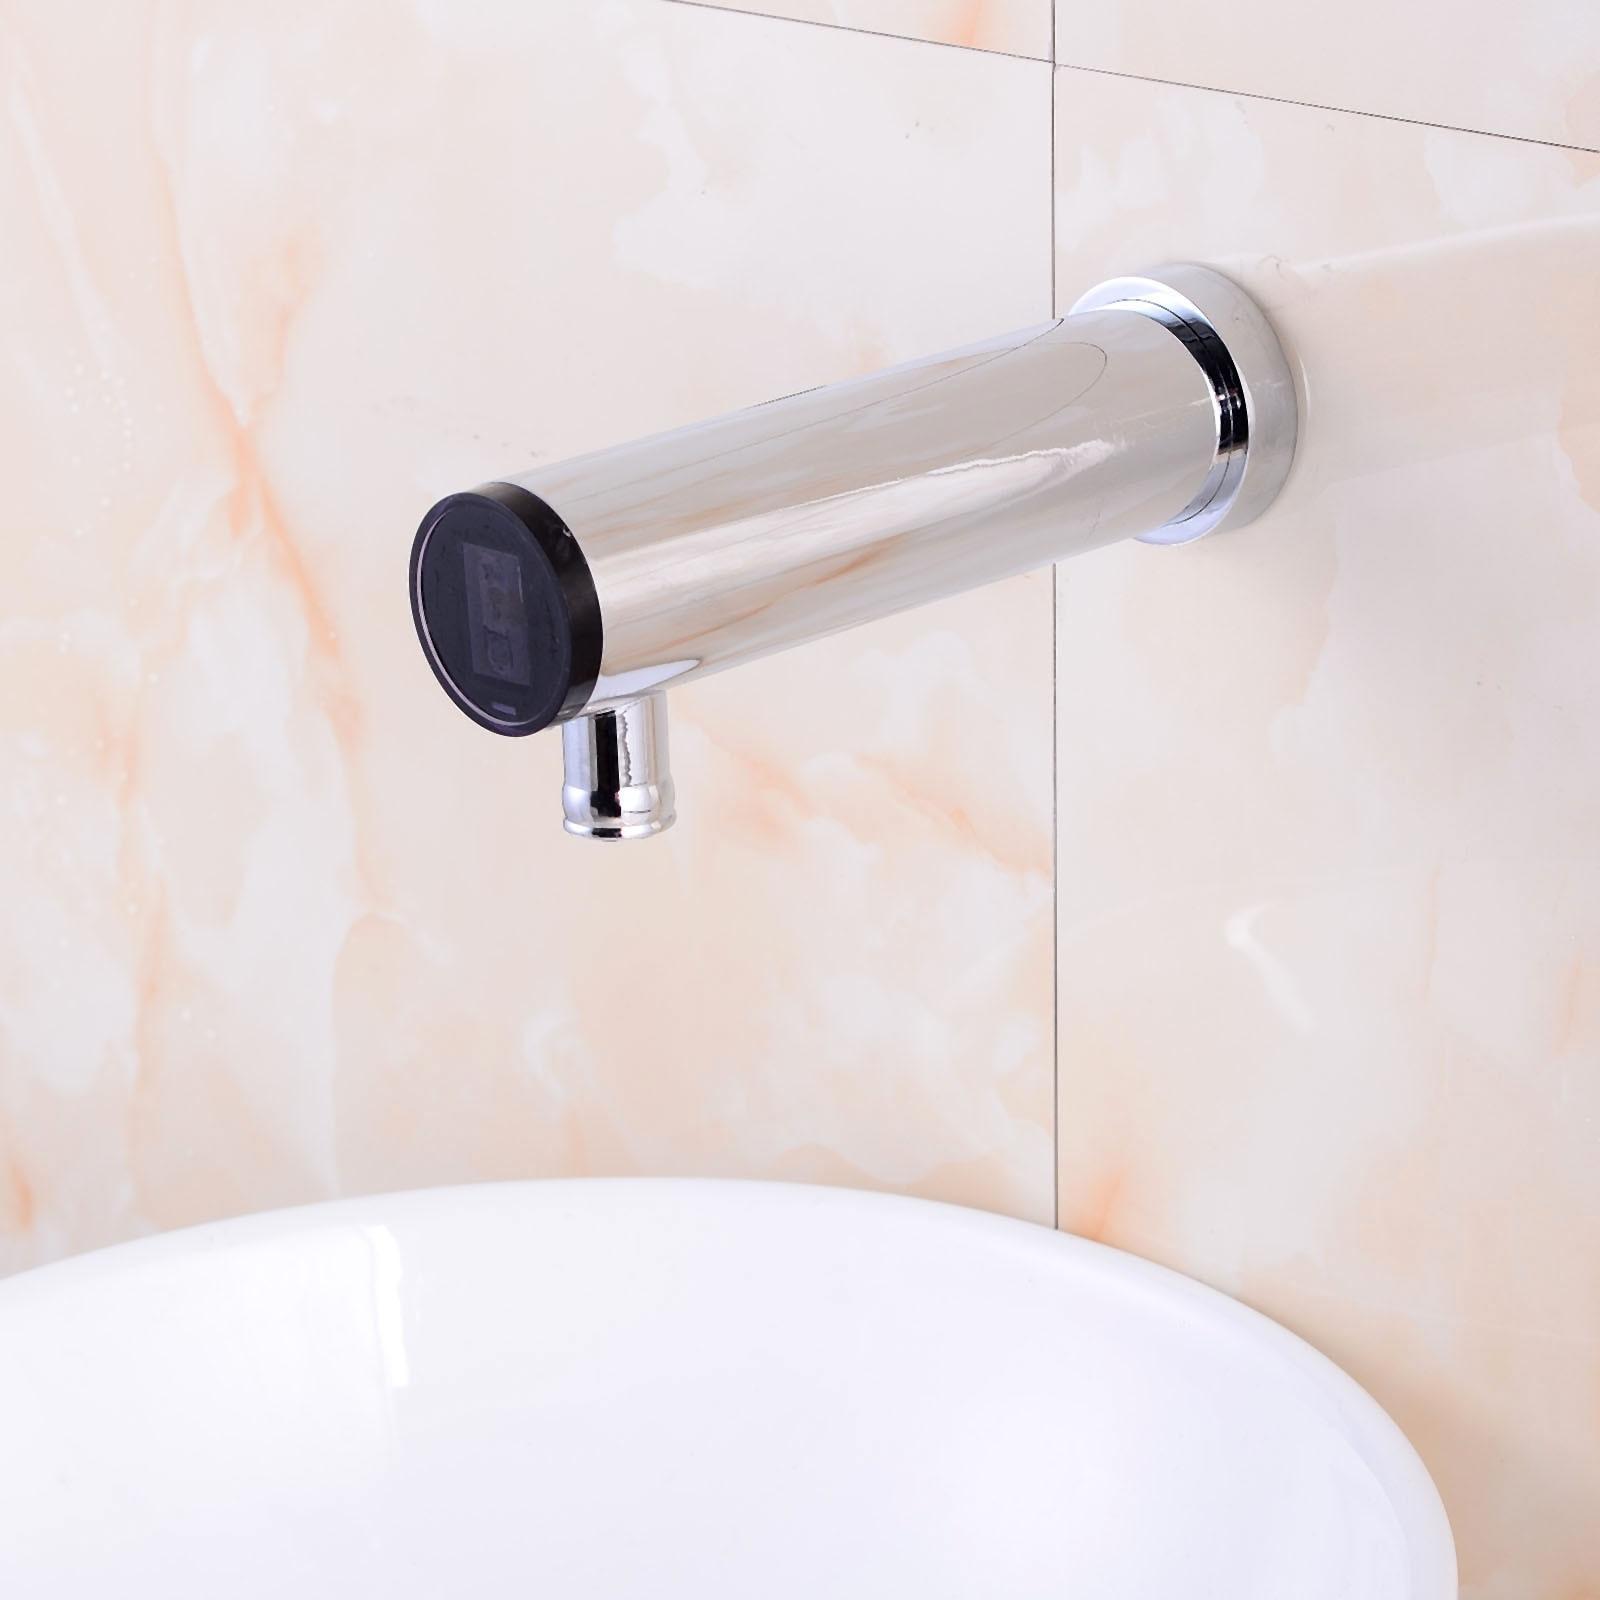 Aliexpress.com : Buy Automatic Sensor Faucet Bathroom Sense Faucet ...